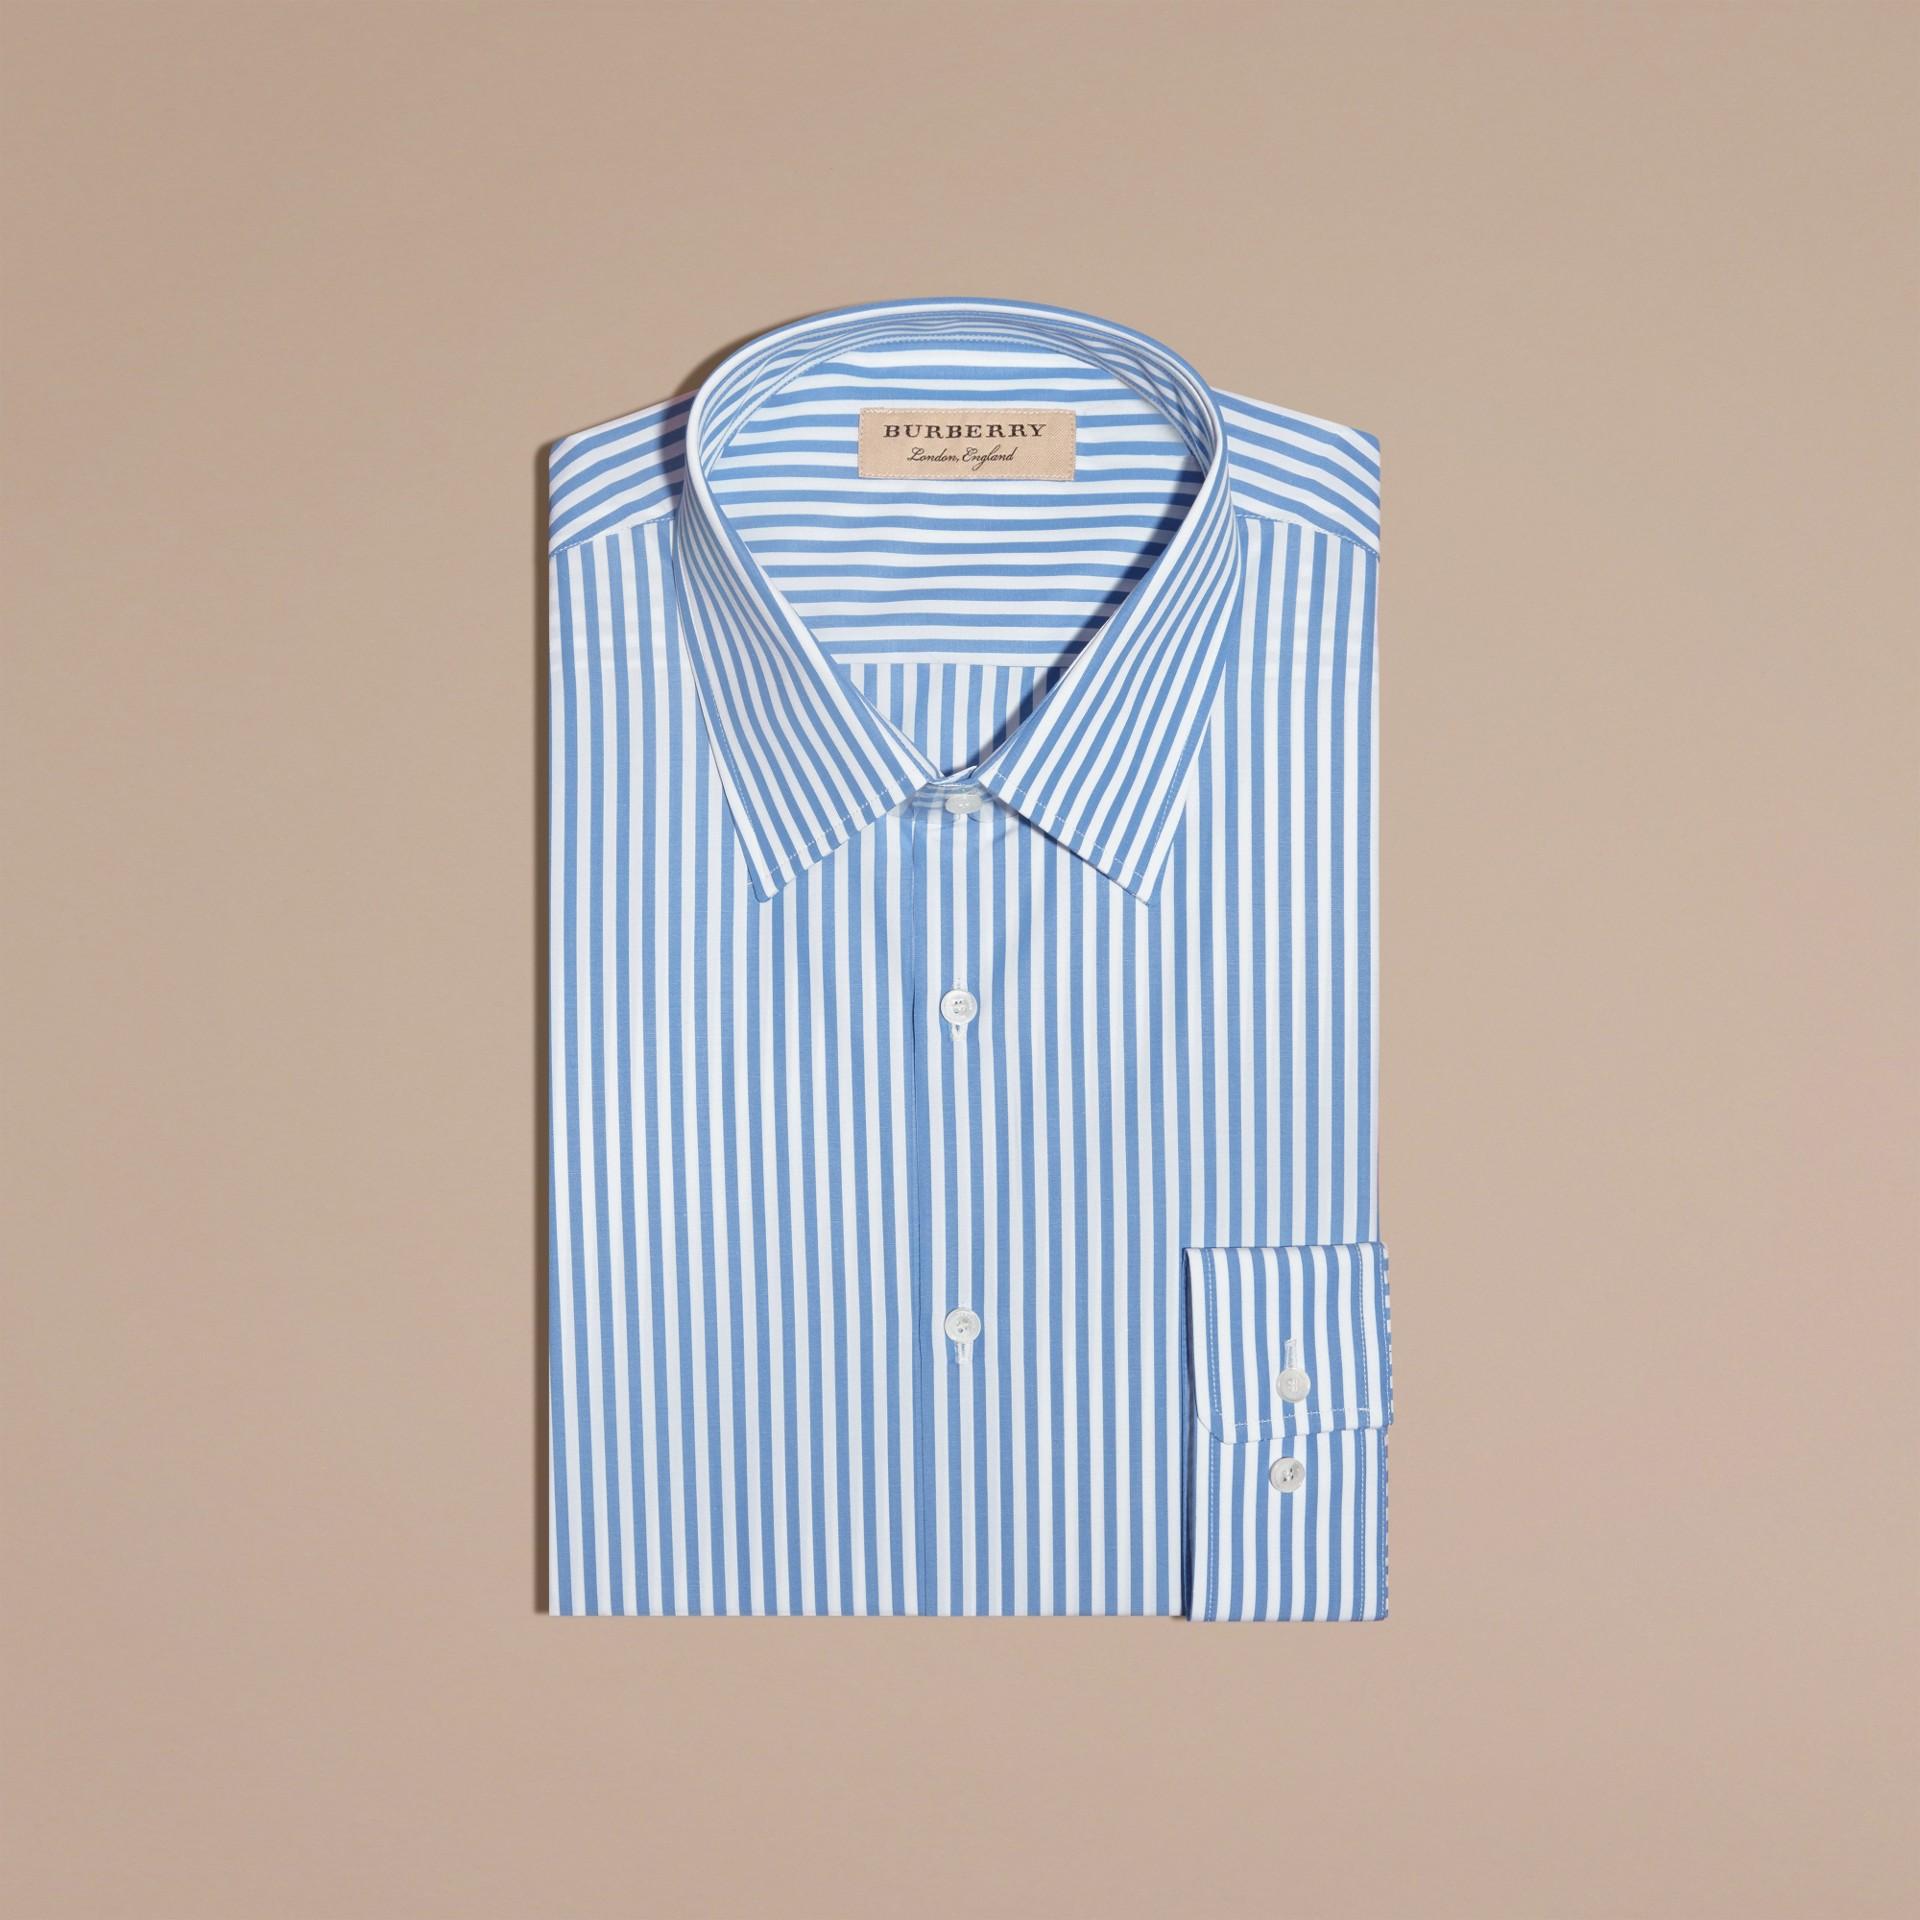 Blu medio Camicia sfiancata a righe in popeline di cotone Blu Medio - immagine della galleria 4